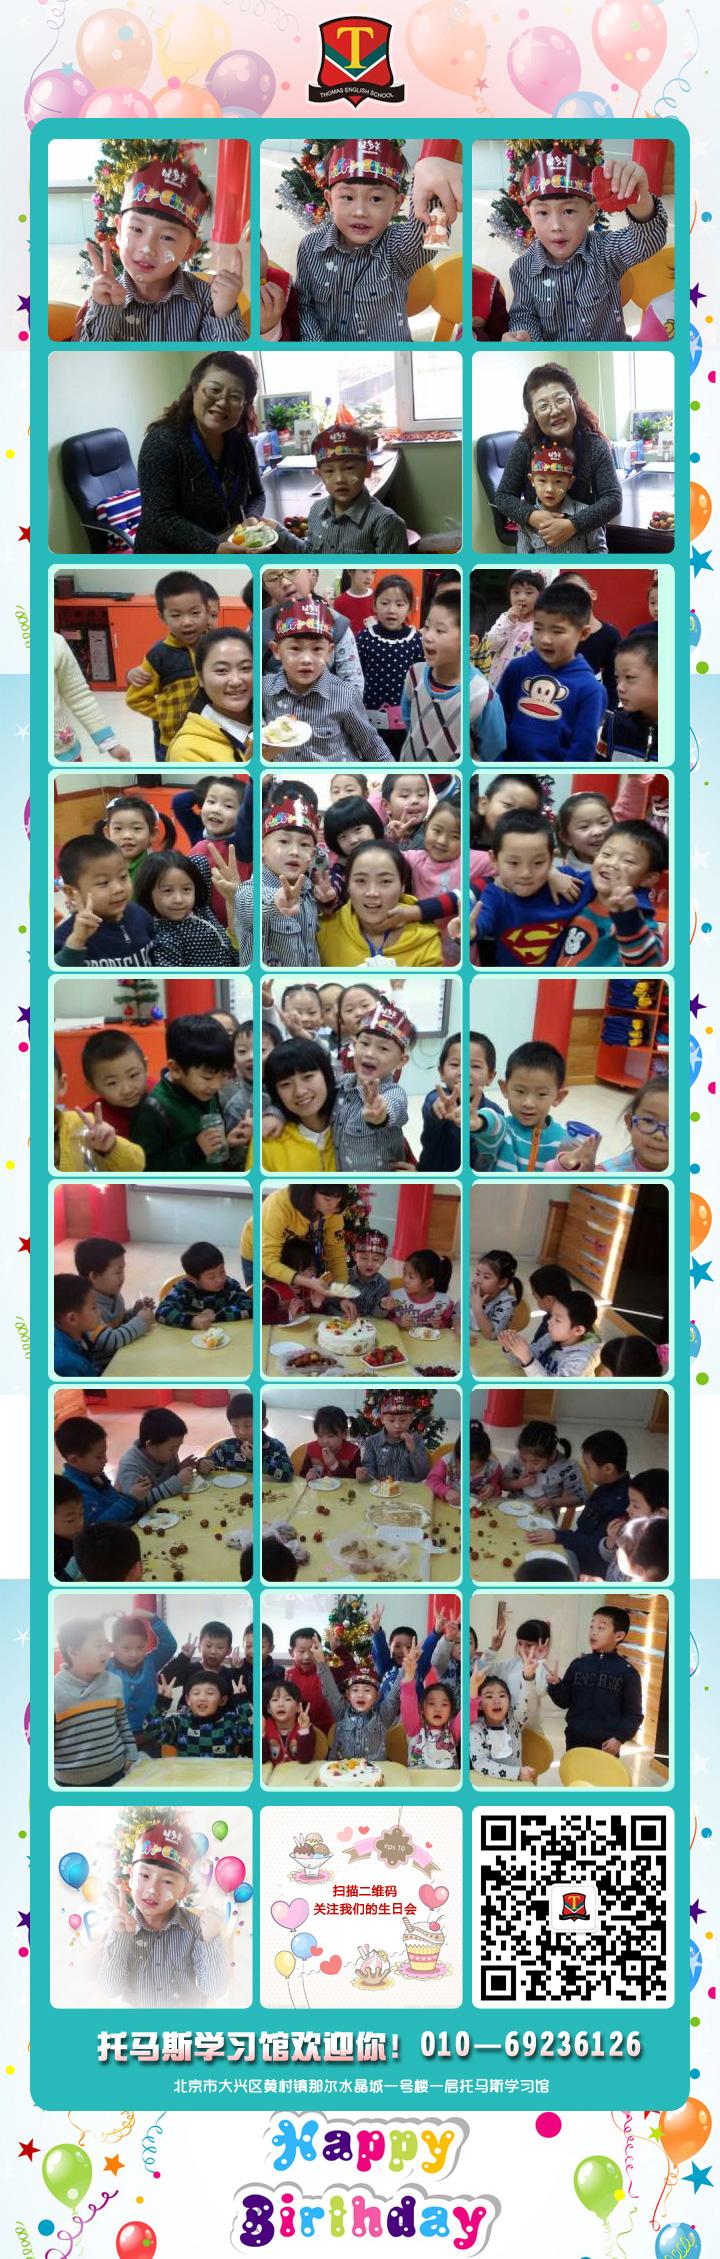 托马斯学习馆STEAM课程C班小朋友于芷鉴的五岁生日会